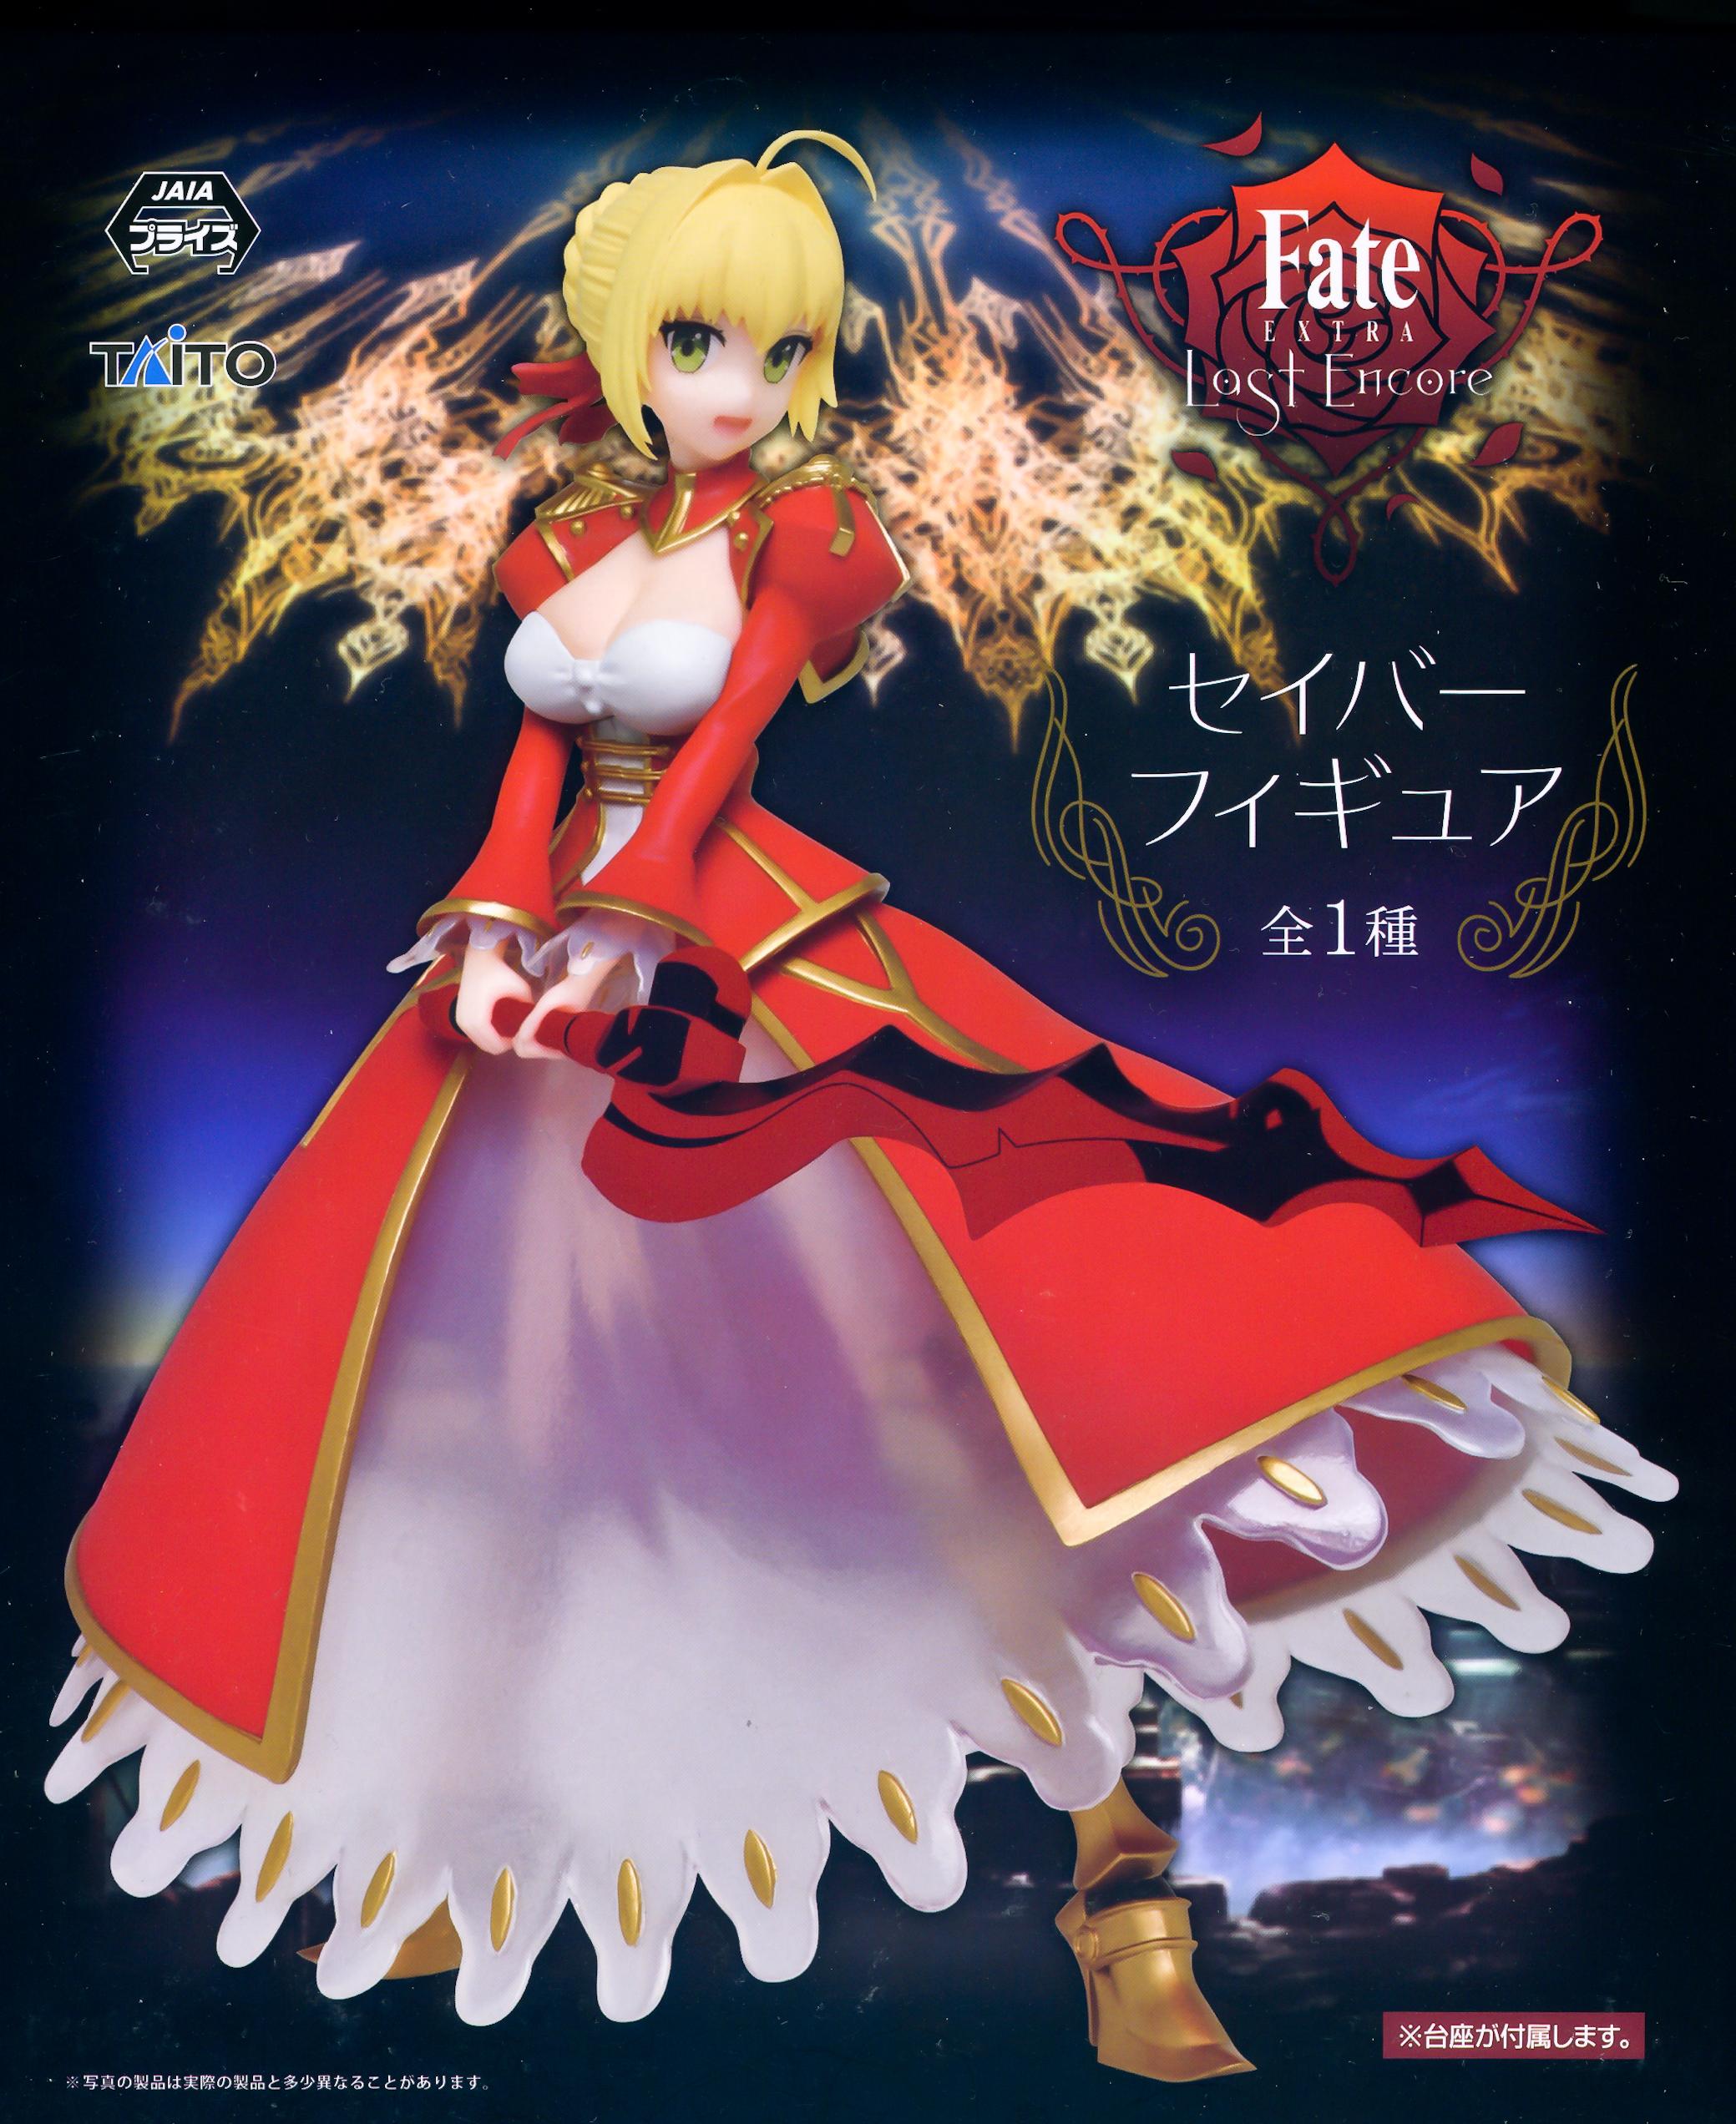 Red Saber (Altria Pendragon), Fate / Last Encore Extra, Taito